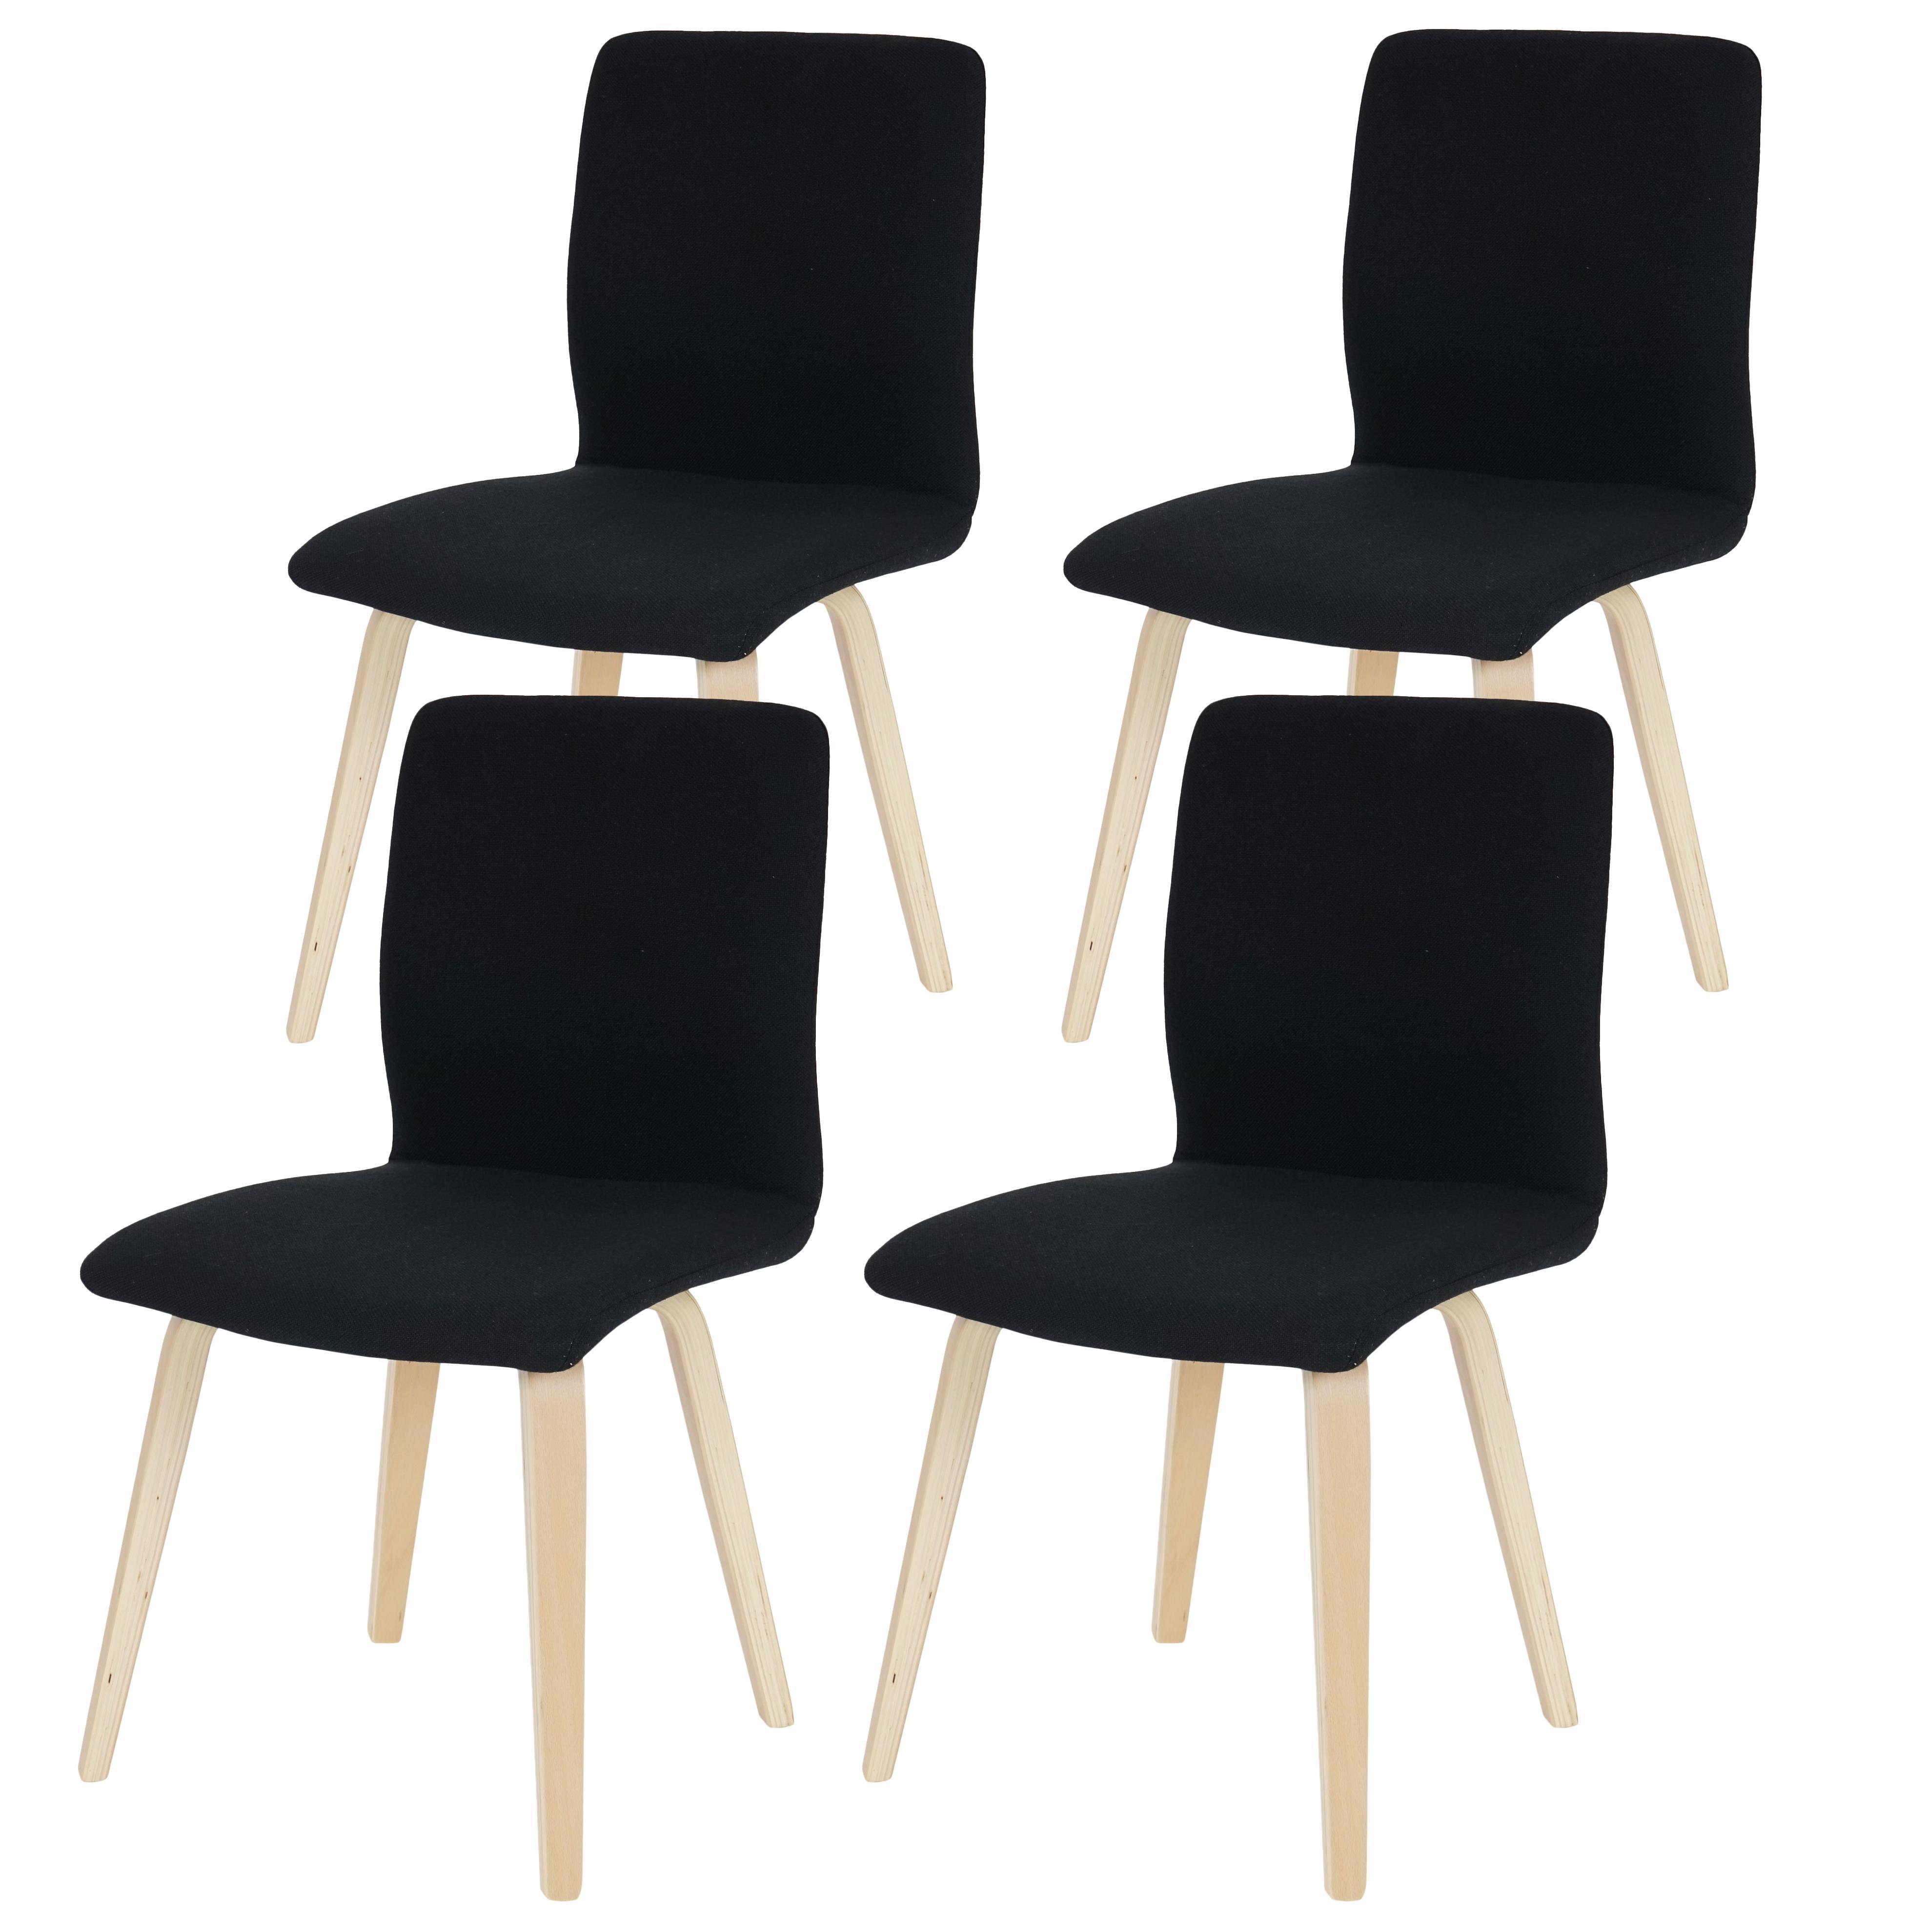 Lote 4 sillas de cocina o comedor dusty estructura y for Sillas de tela comedor